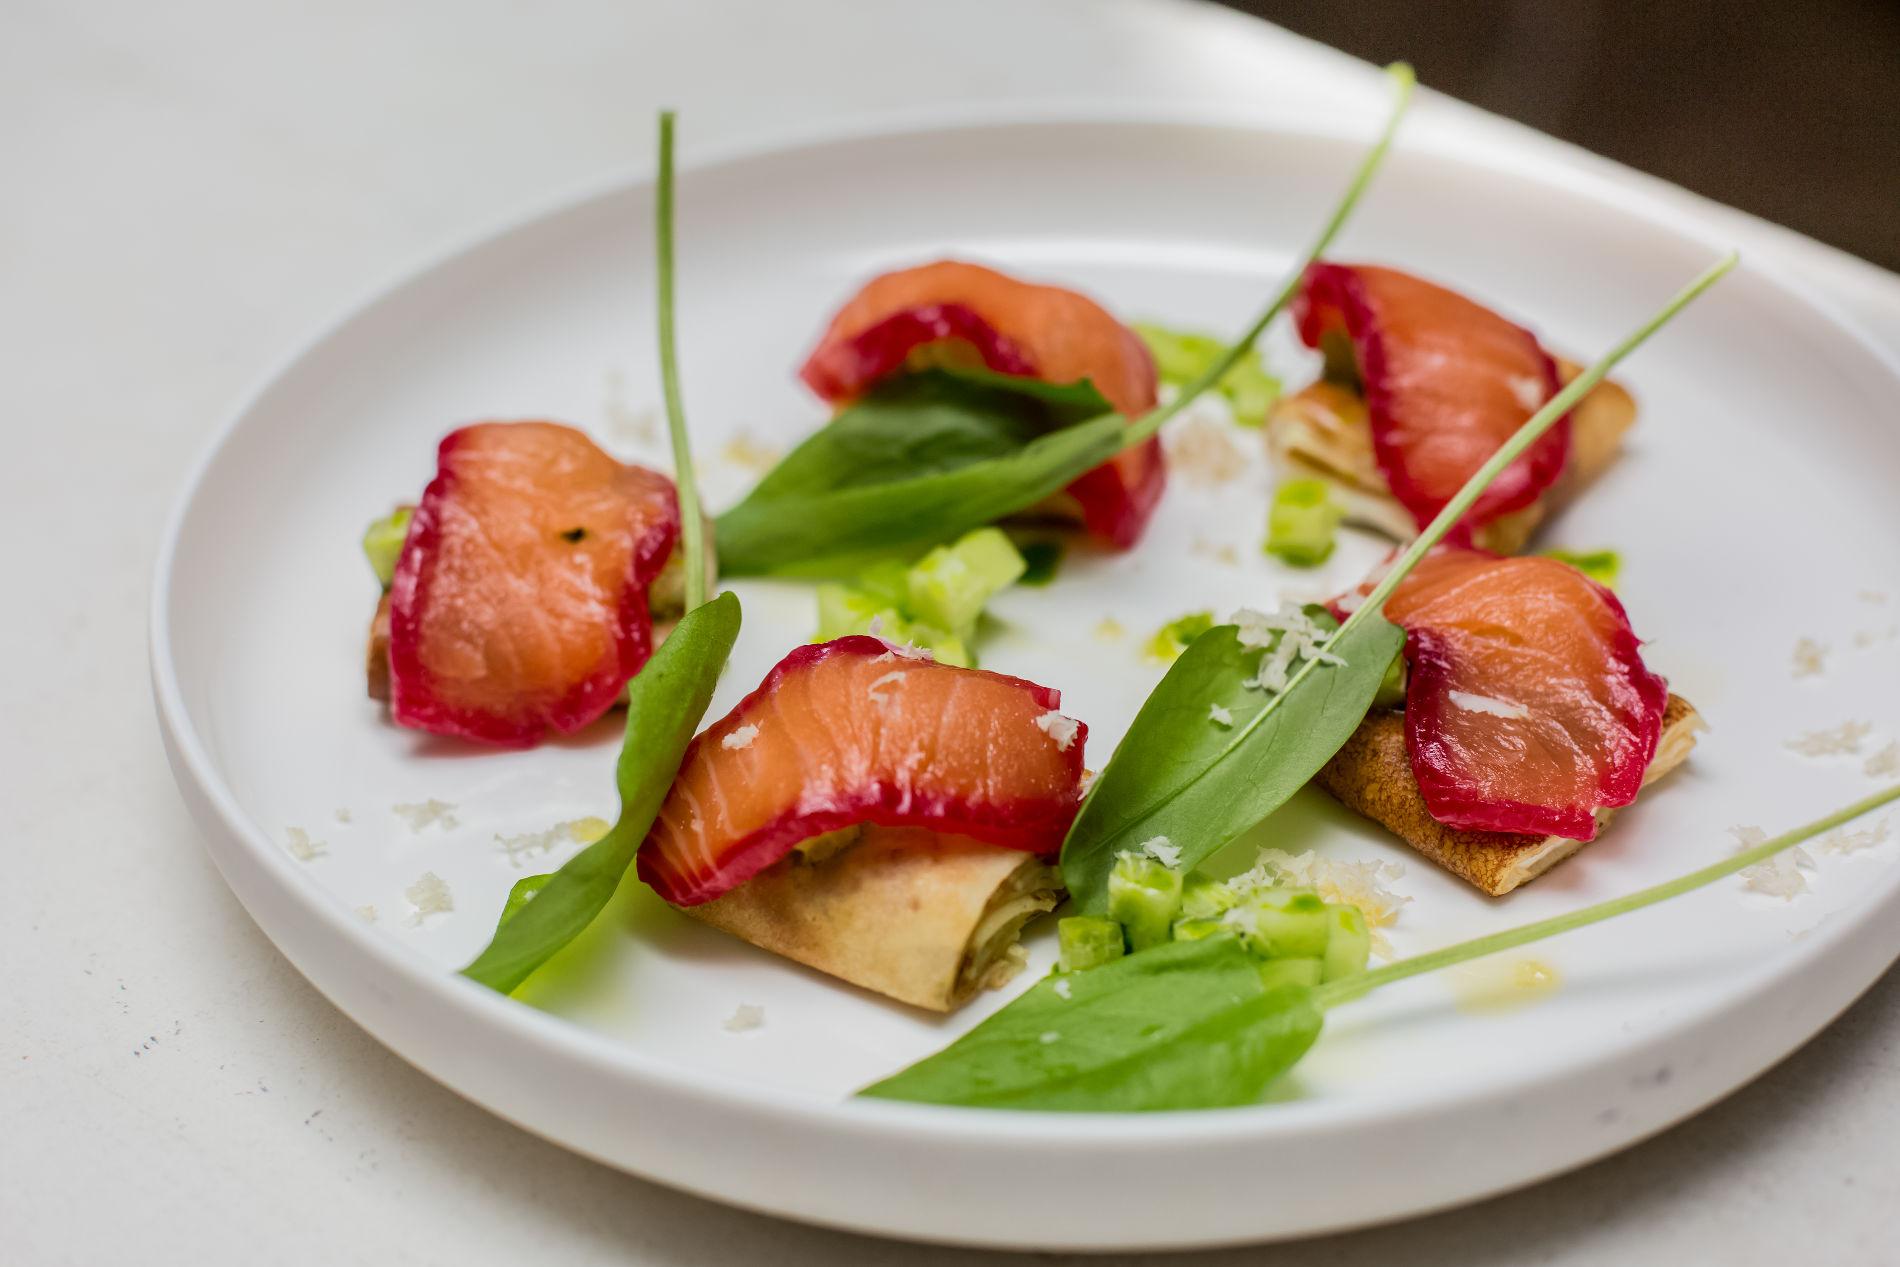 Блины с маринованным в бруснике лососем и сливочным сыром в ресторане Red Fox ©Фото предоставлено рестораном